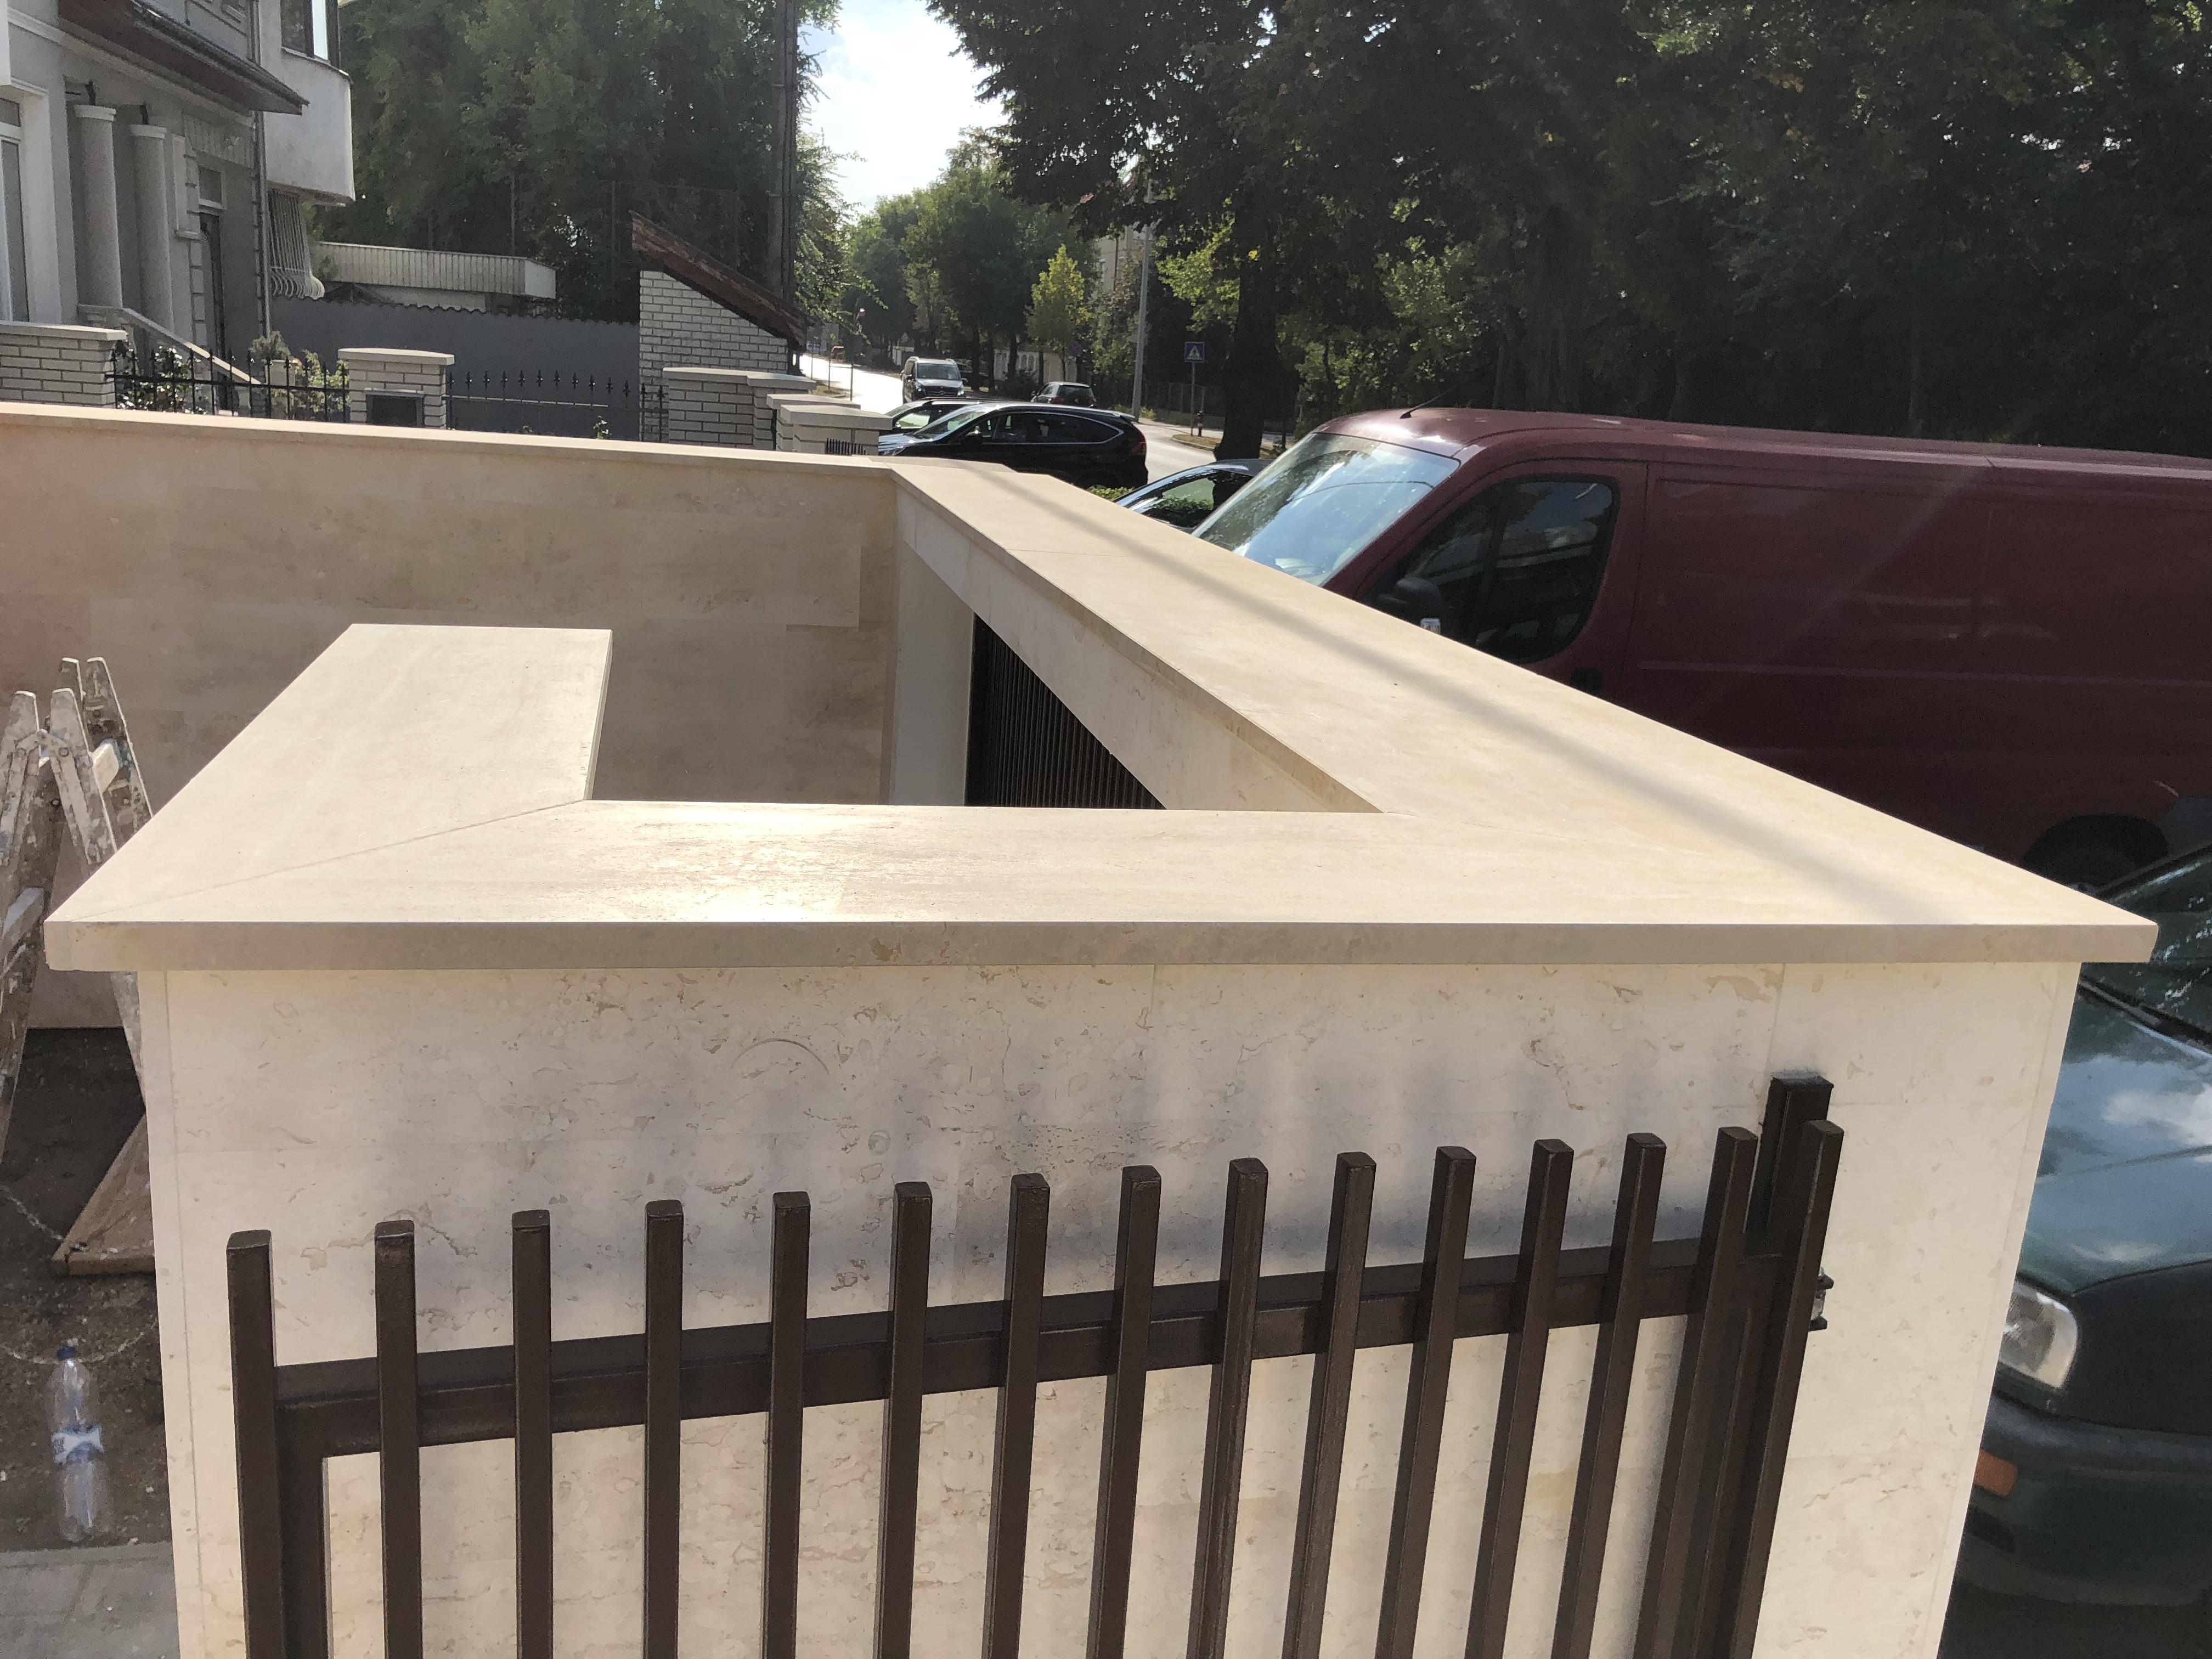 Travertin fedlap kerítésre x3cm vastagság minden oldal megmunálva, vízorral ellátva, selyemfényű felülettel